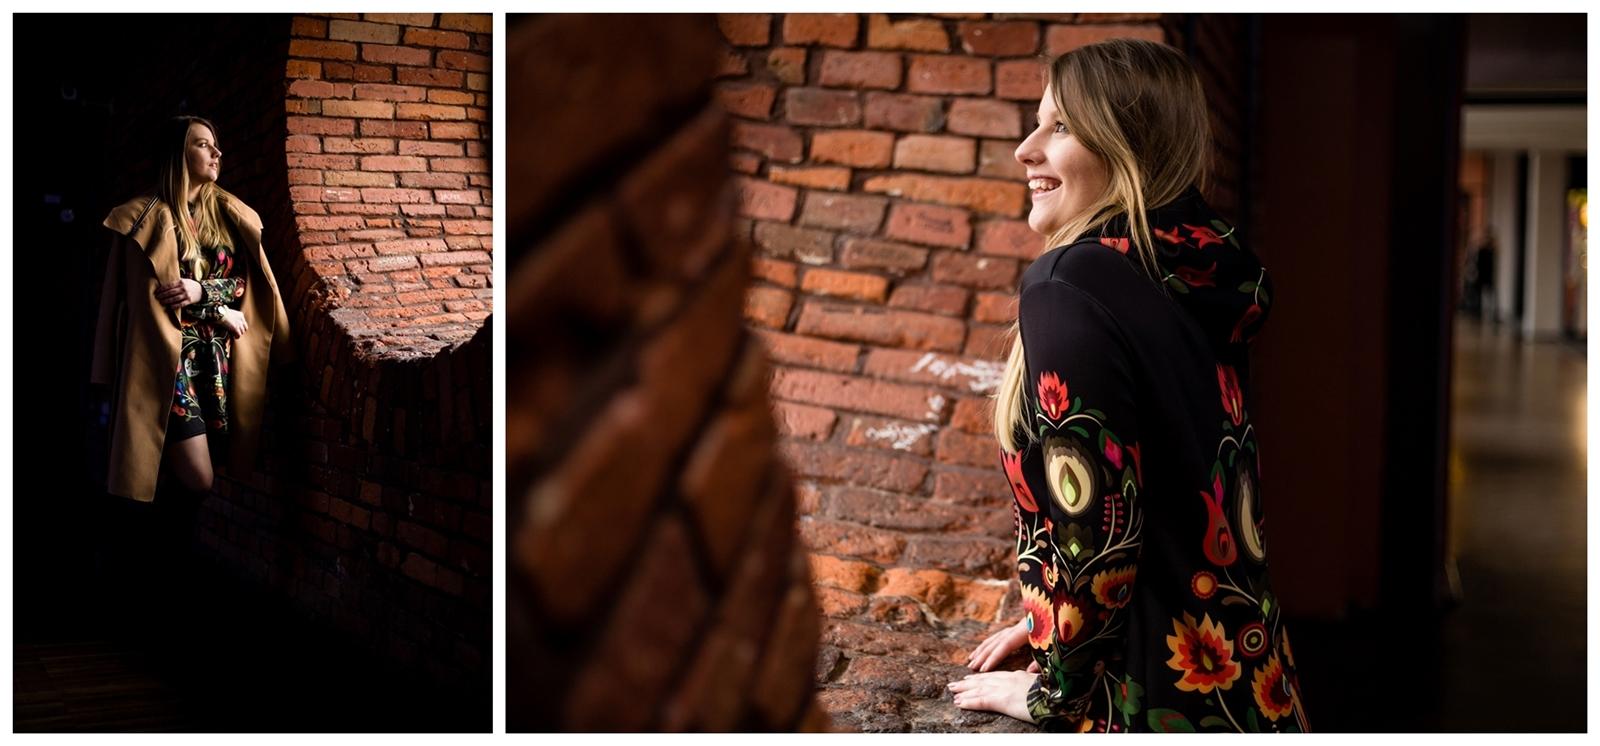 10 folk by koko recenzje opinie jakość sukienka bluza z motywem łowickim kodra folkowe ubrania motywy eleganckie folkowe dodatki kodra łowicka góralskie róże stylizacja polska blogerka łódź moda melodylaniella